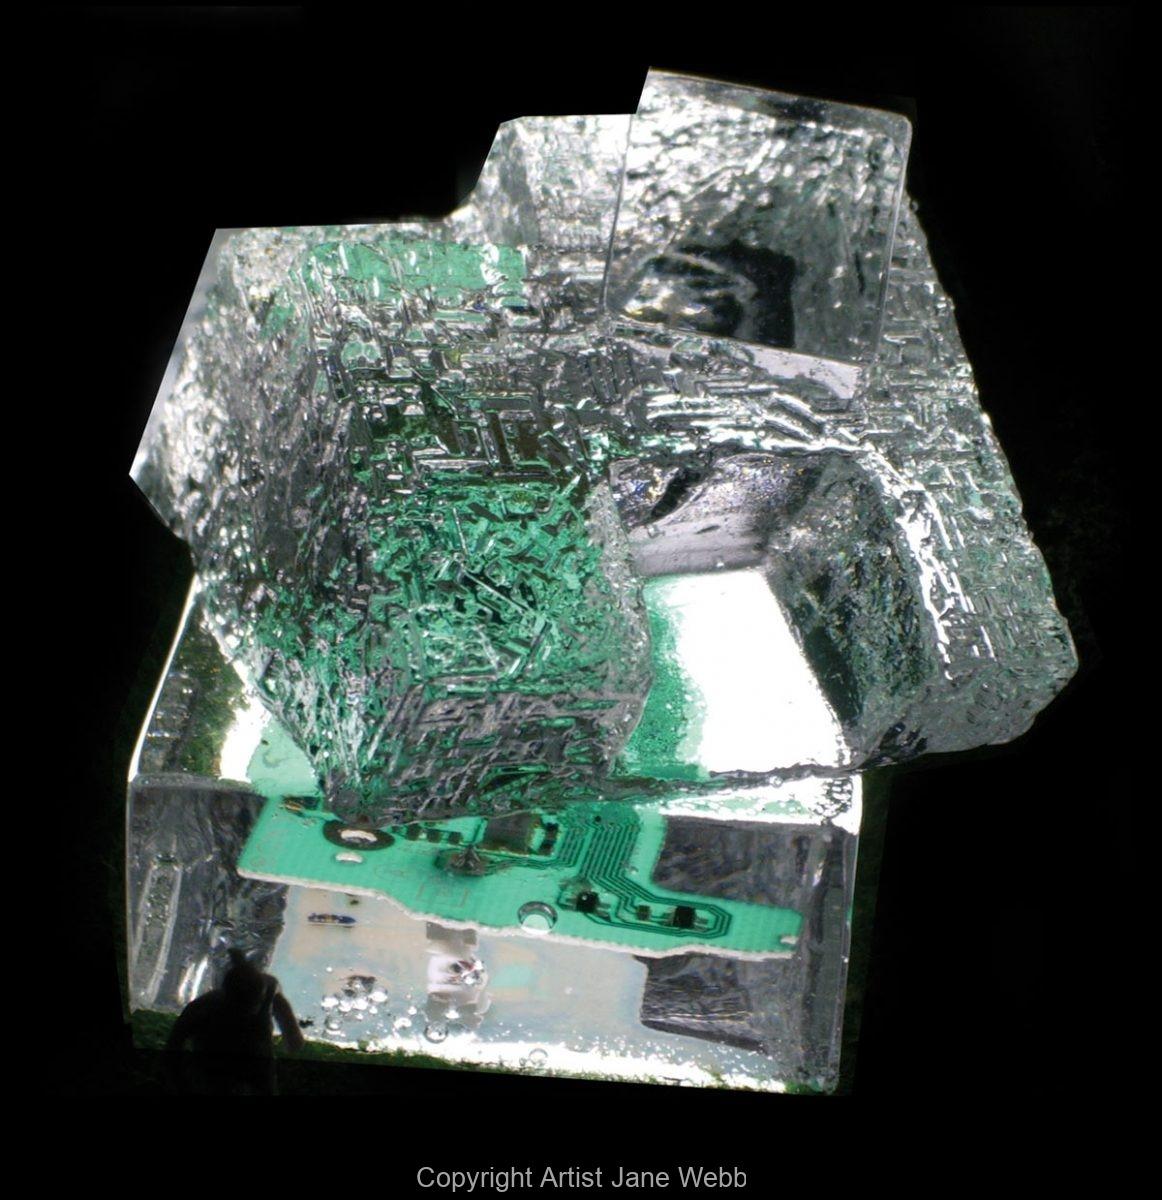 cast-resin-futuristic-building-art